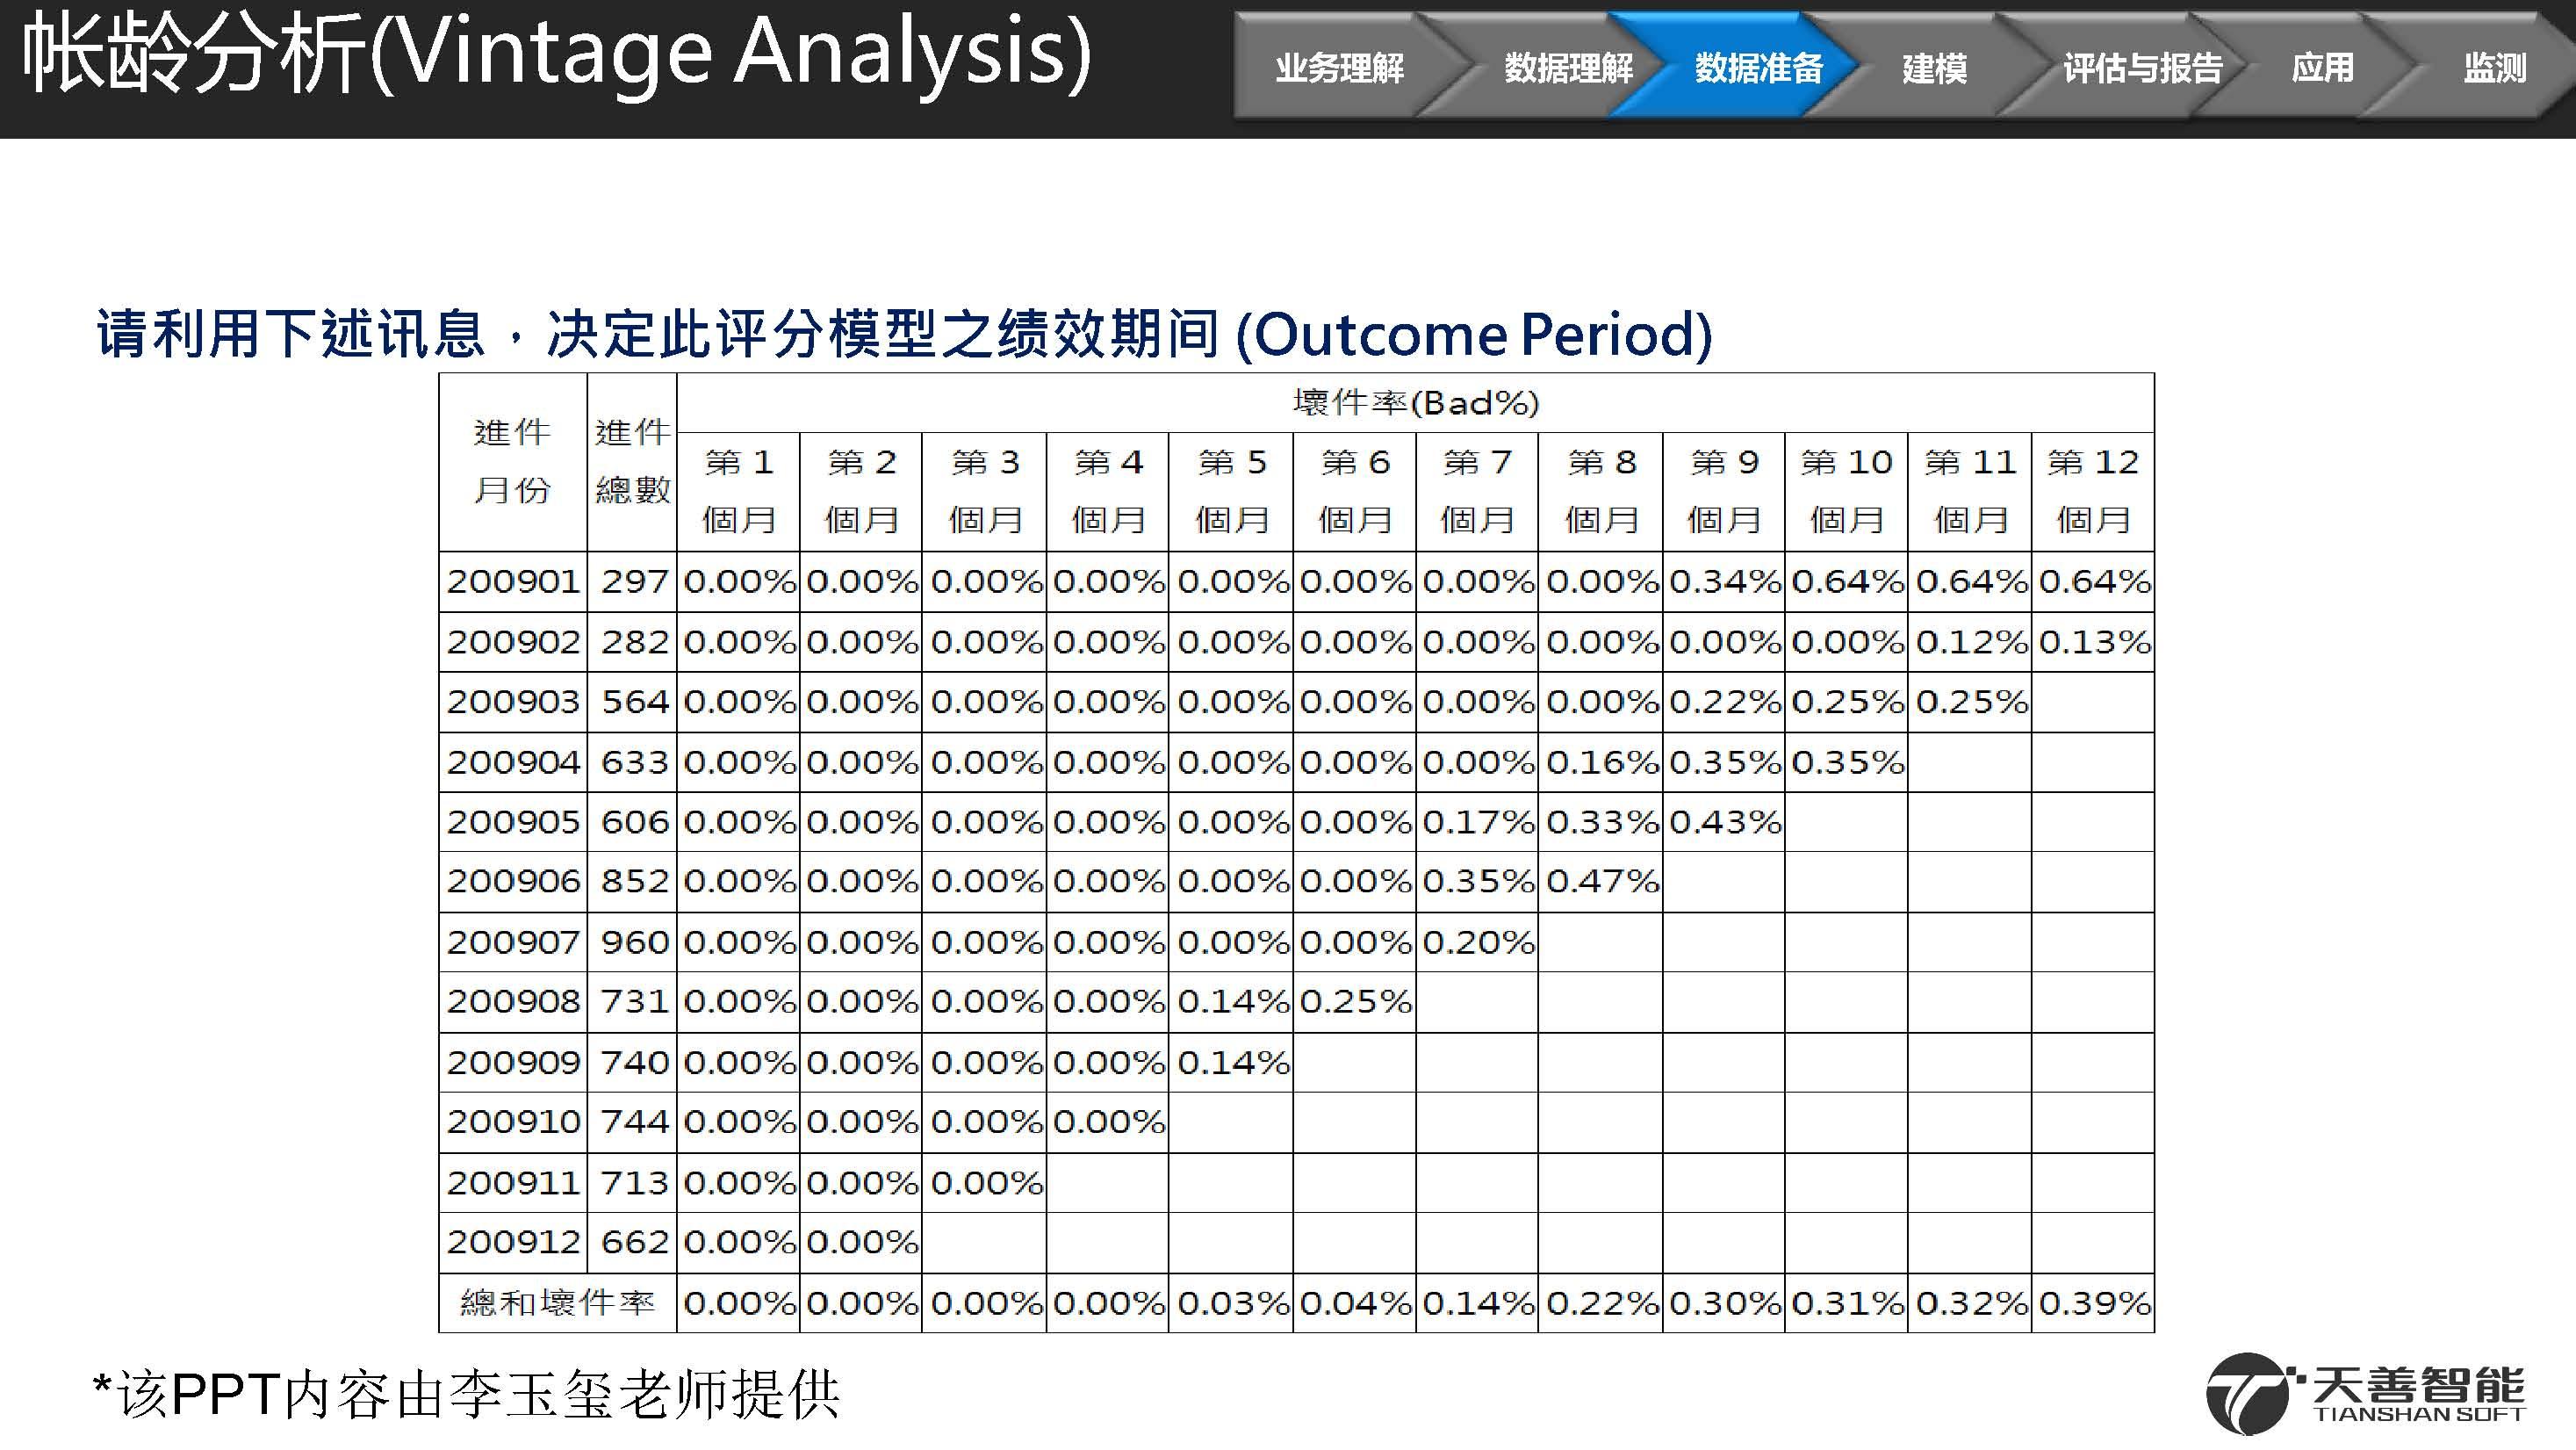 2汽车金融信用违约预测模型案例_页面_15.jpg